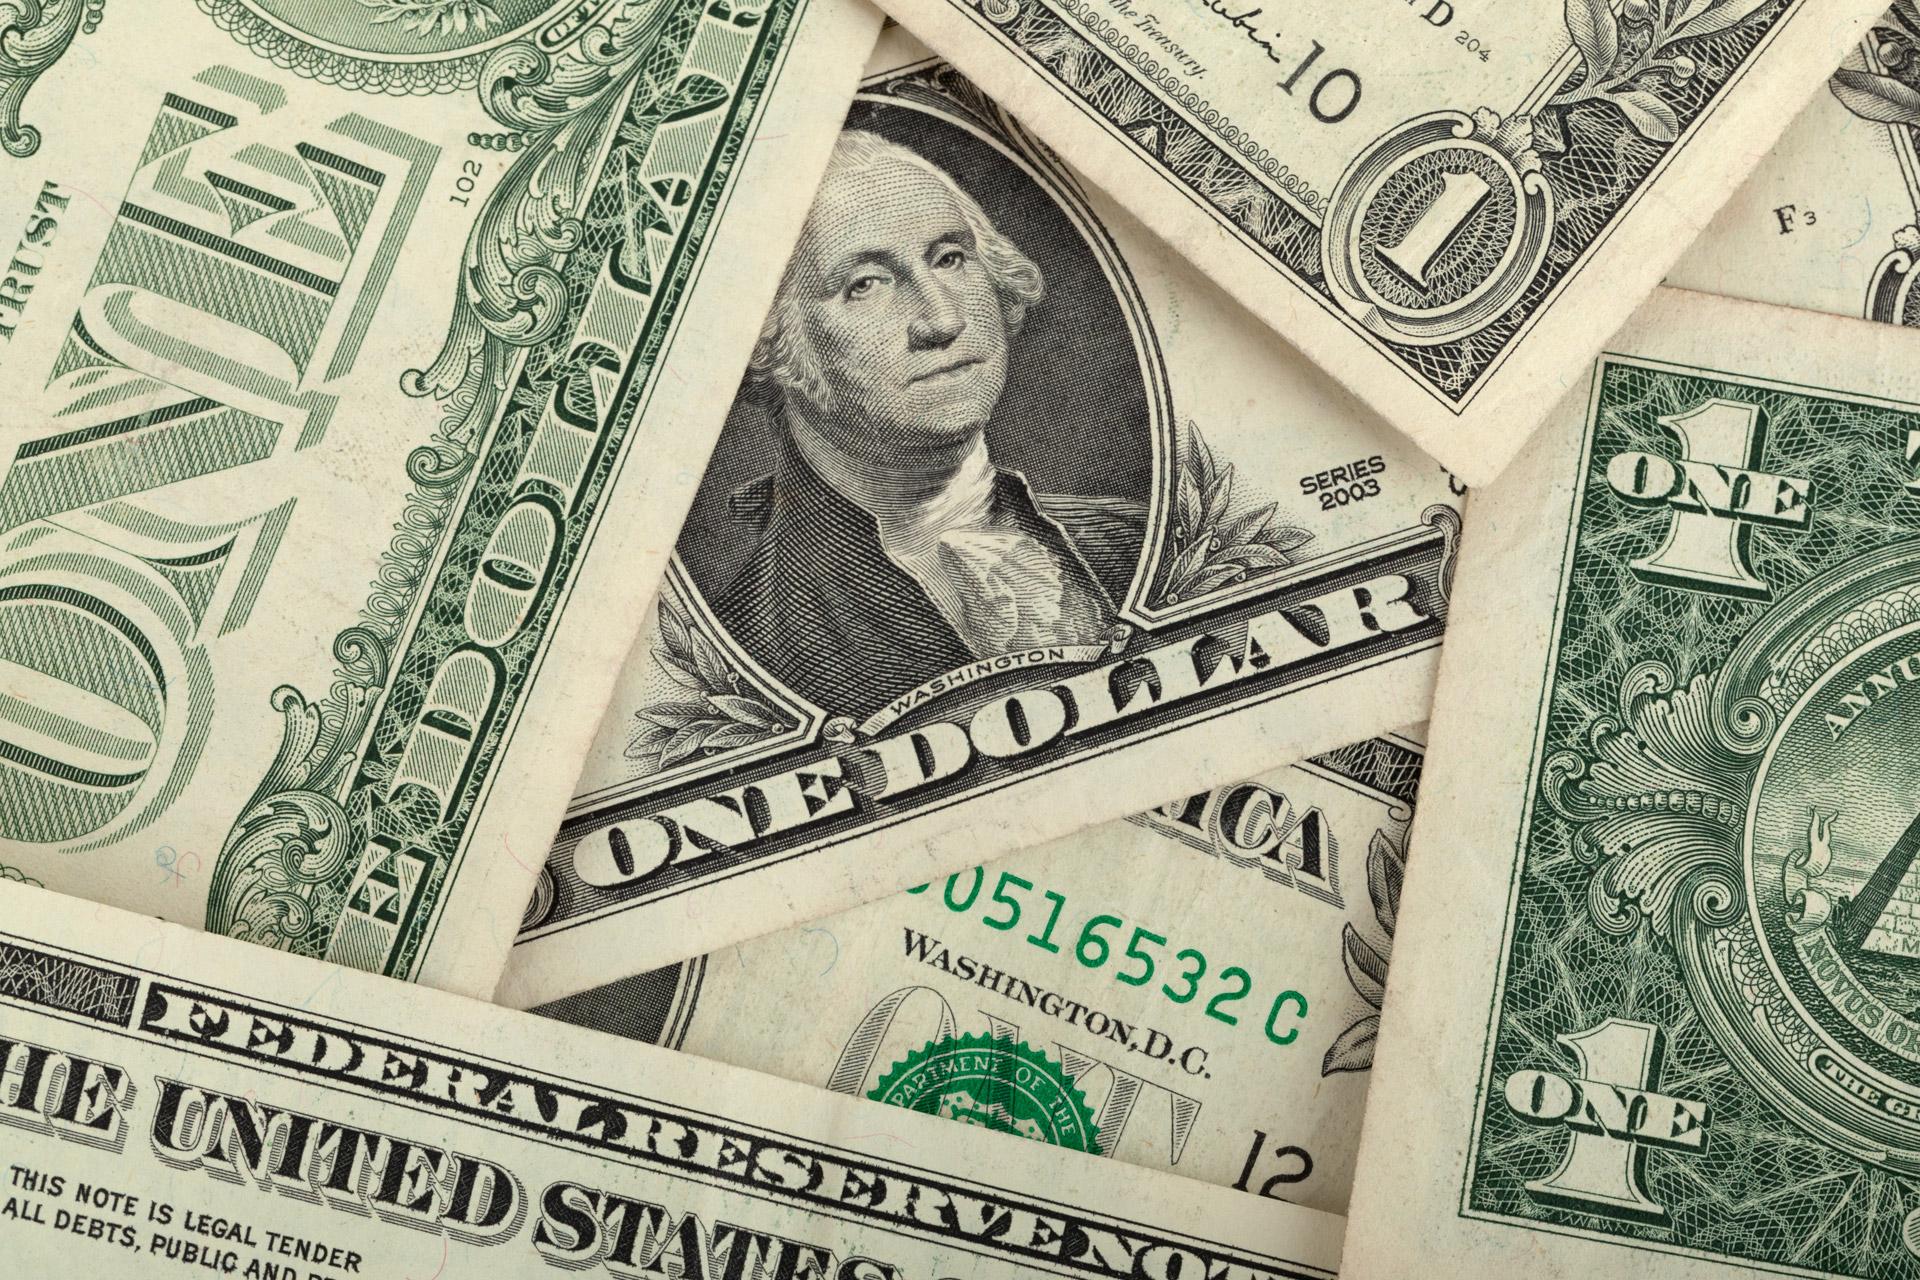 Precio del dólar, 13 de noviembre. Foto: Dólar/Public Domain Pictures